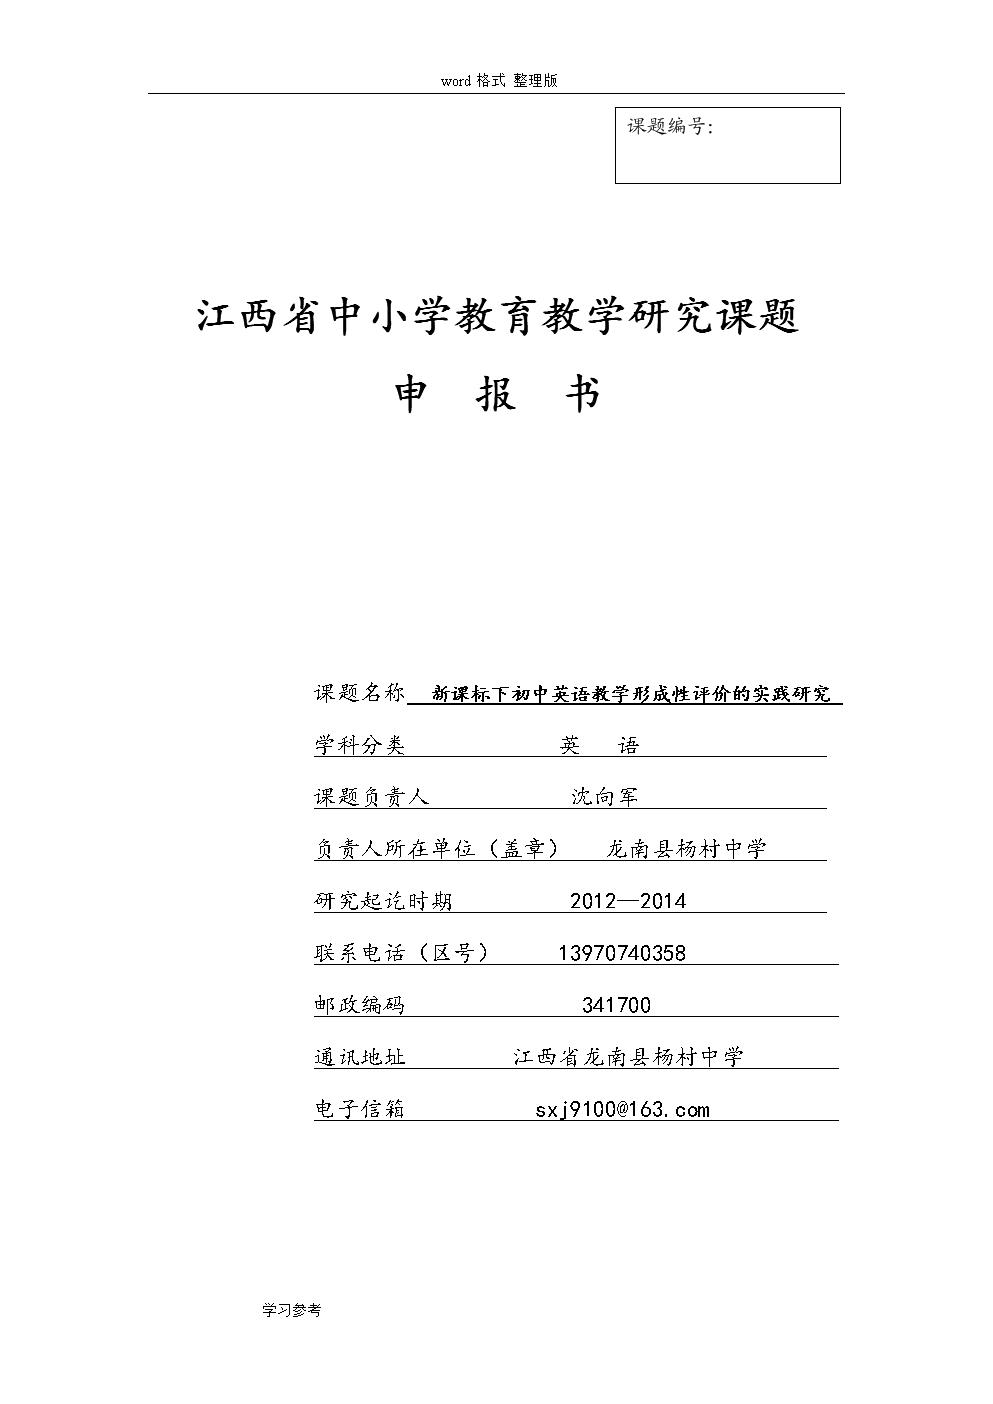 江西省中小学教育教学研究课题申报书初中.doc范本区别公立的私立和图片